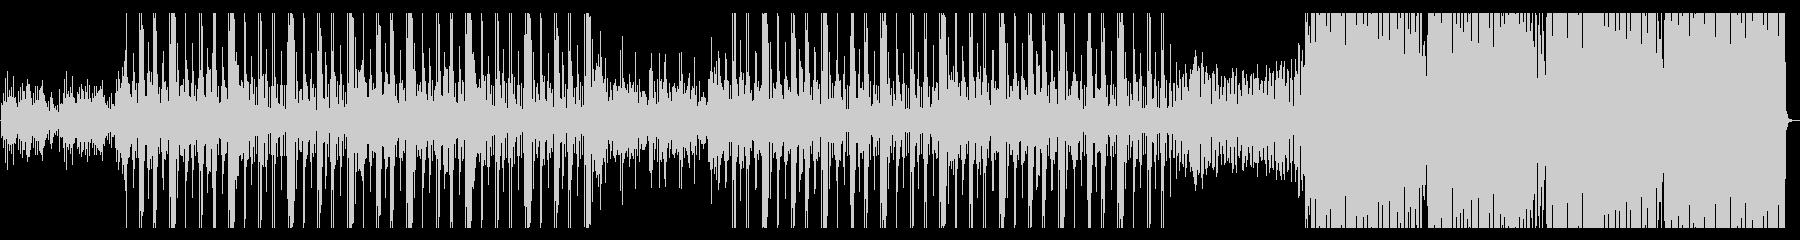 ヒップホップインスト&ダンストラックの未再生の波形